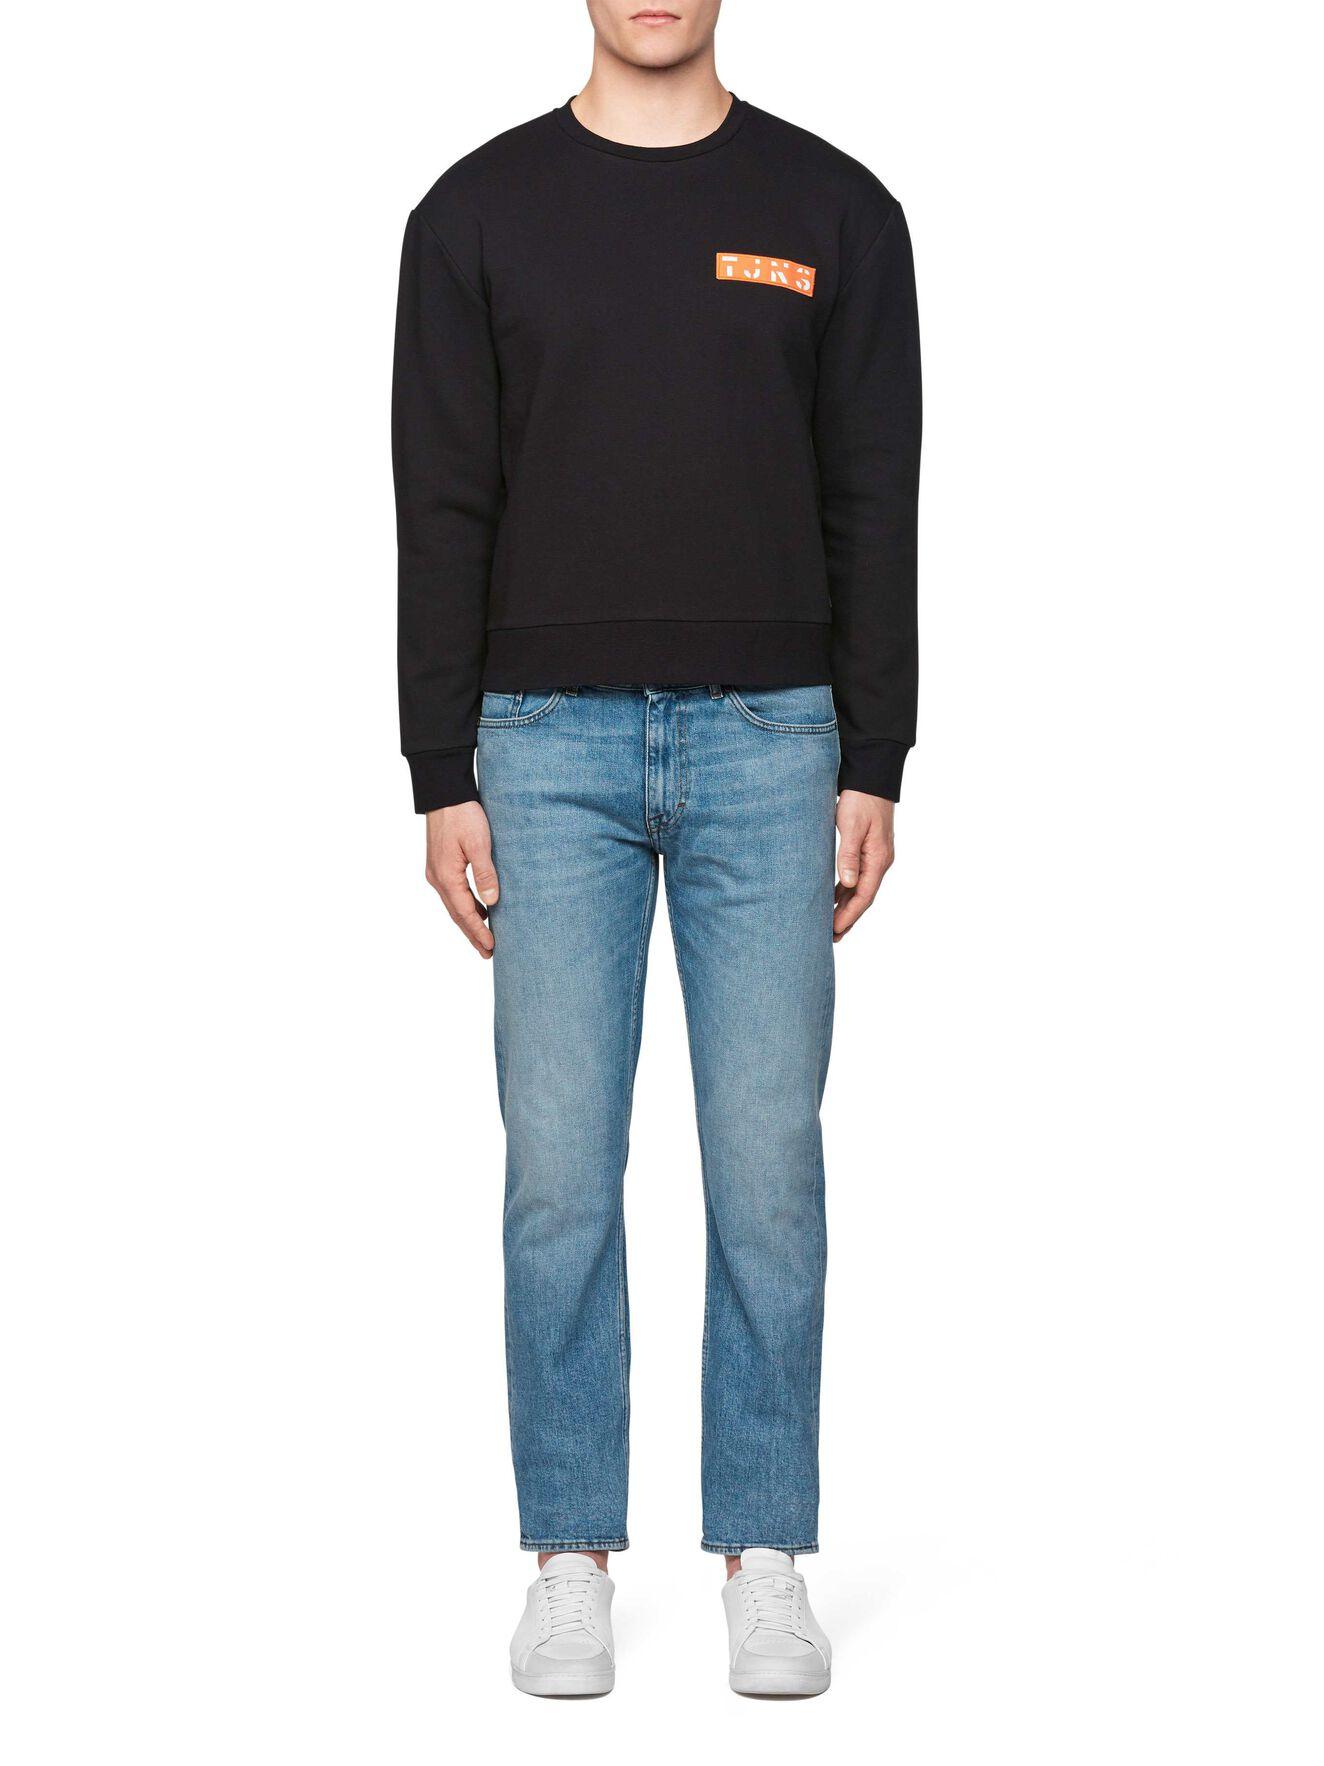 Buzz Pr Sweatshirt in Black from Tiger of Sweden